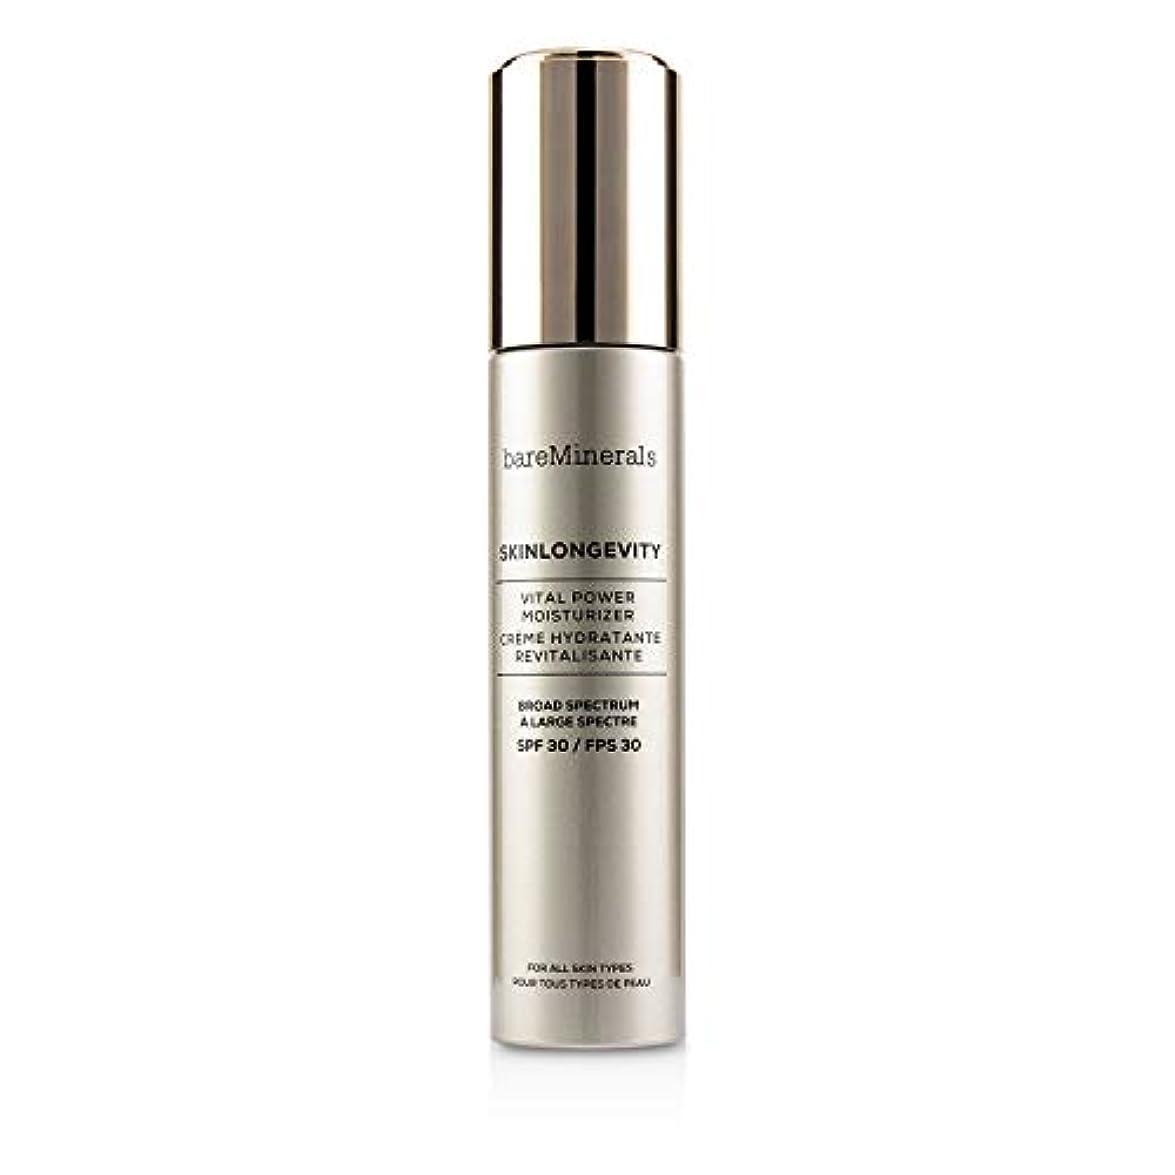 好意有毒な発表するベアミネラル Skinlongevity Vital Power Moisturizer SPF 30 50ml/1.7oz並行輸入品